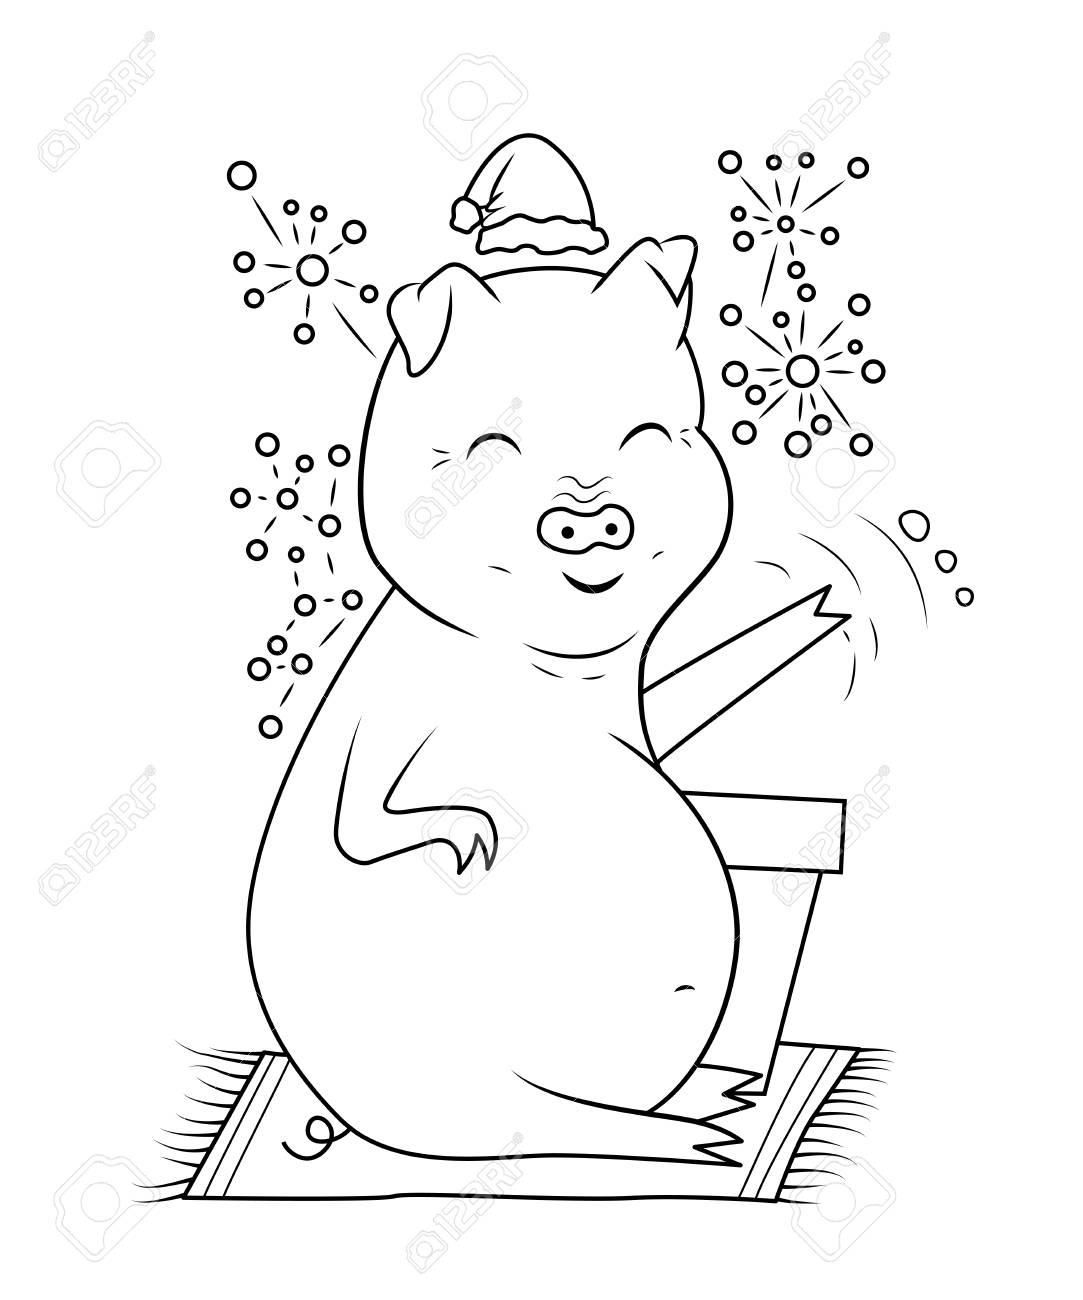 Livre De Coloriage De Porc Et De Feux D Artifice Carte Postale Pour Bonne Annee 2019 Illustration Vectorielle Clip Art Libres De Droits Vecteurs Et Illustration Image 97700201